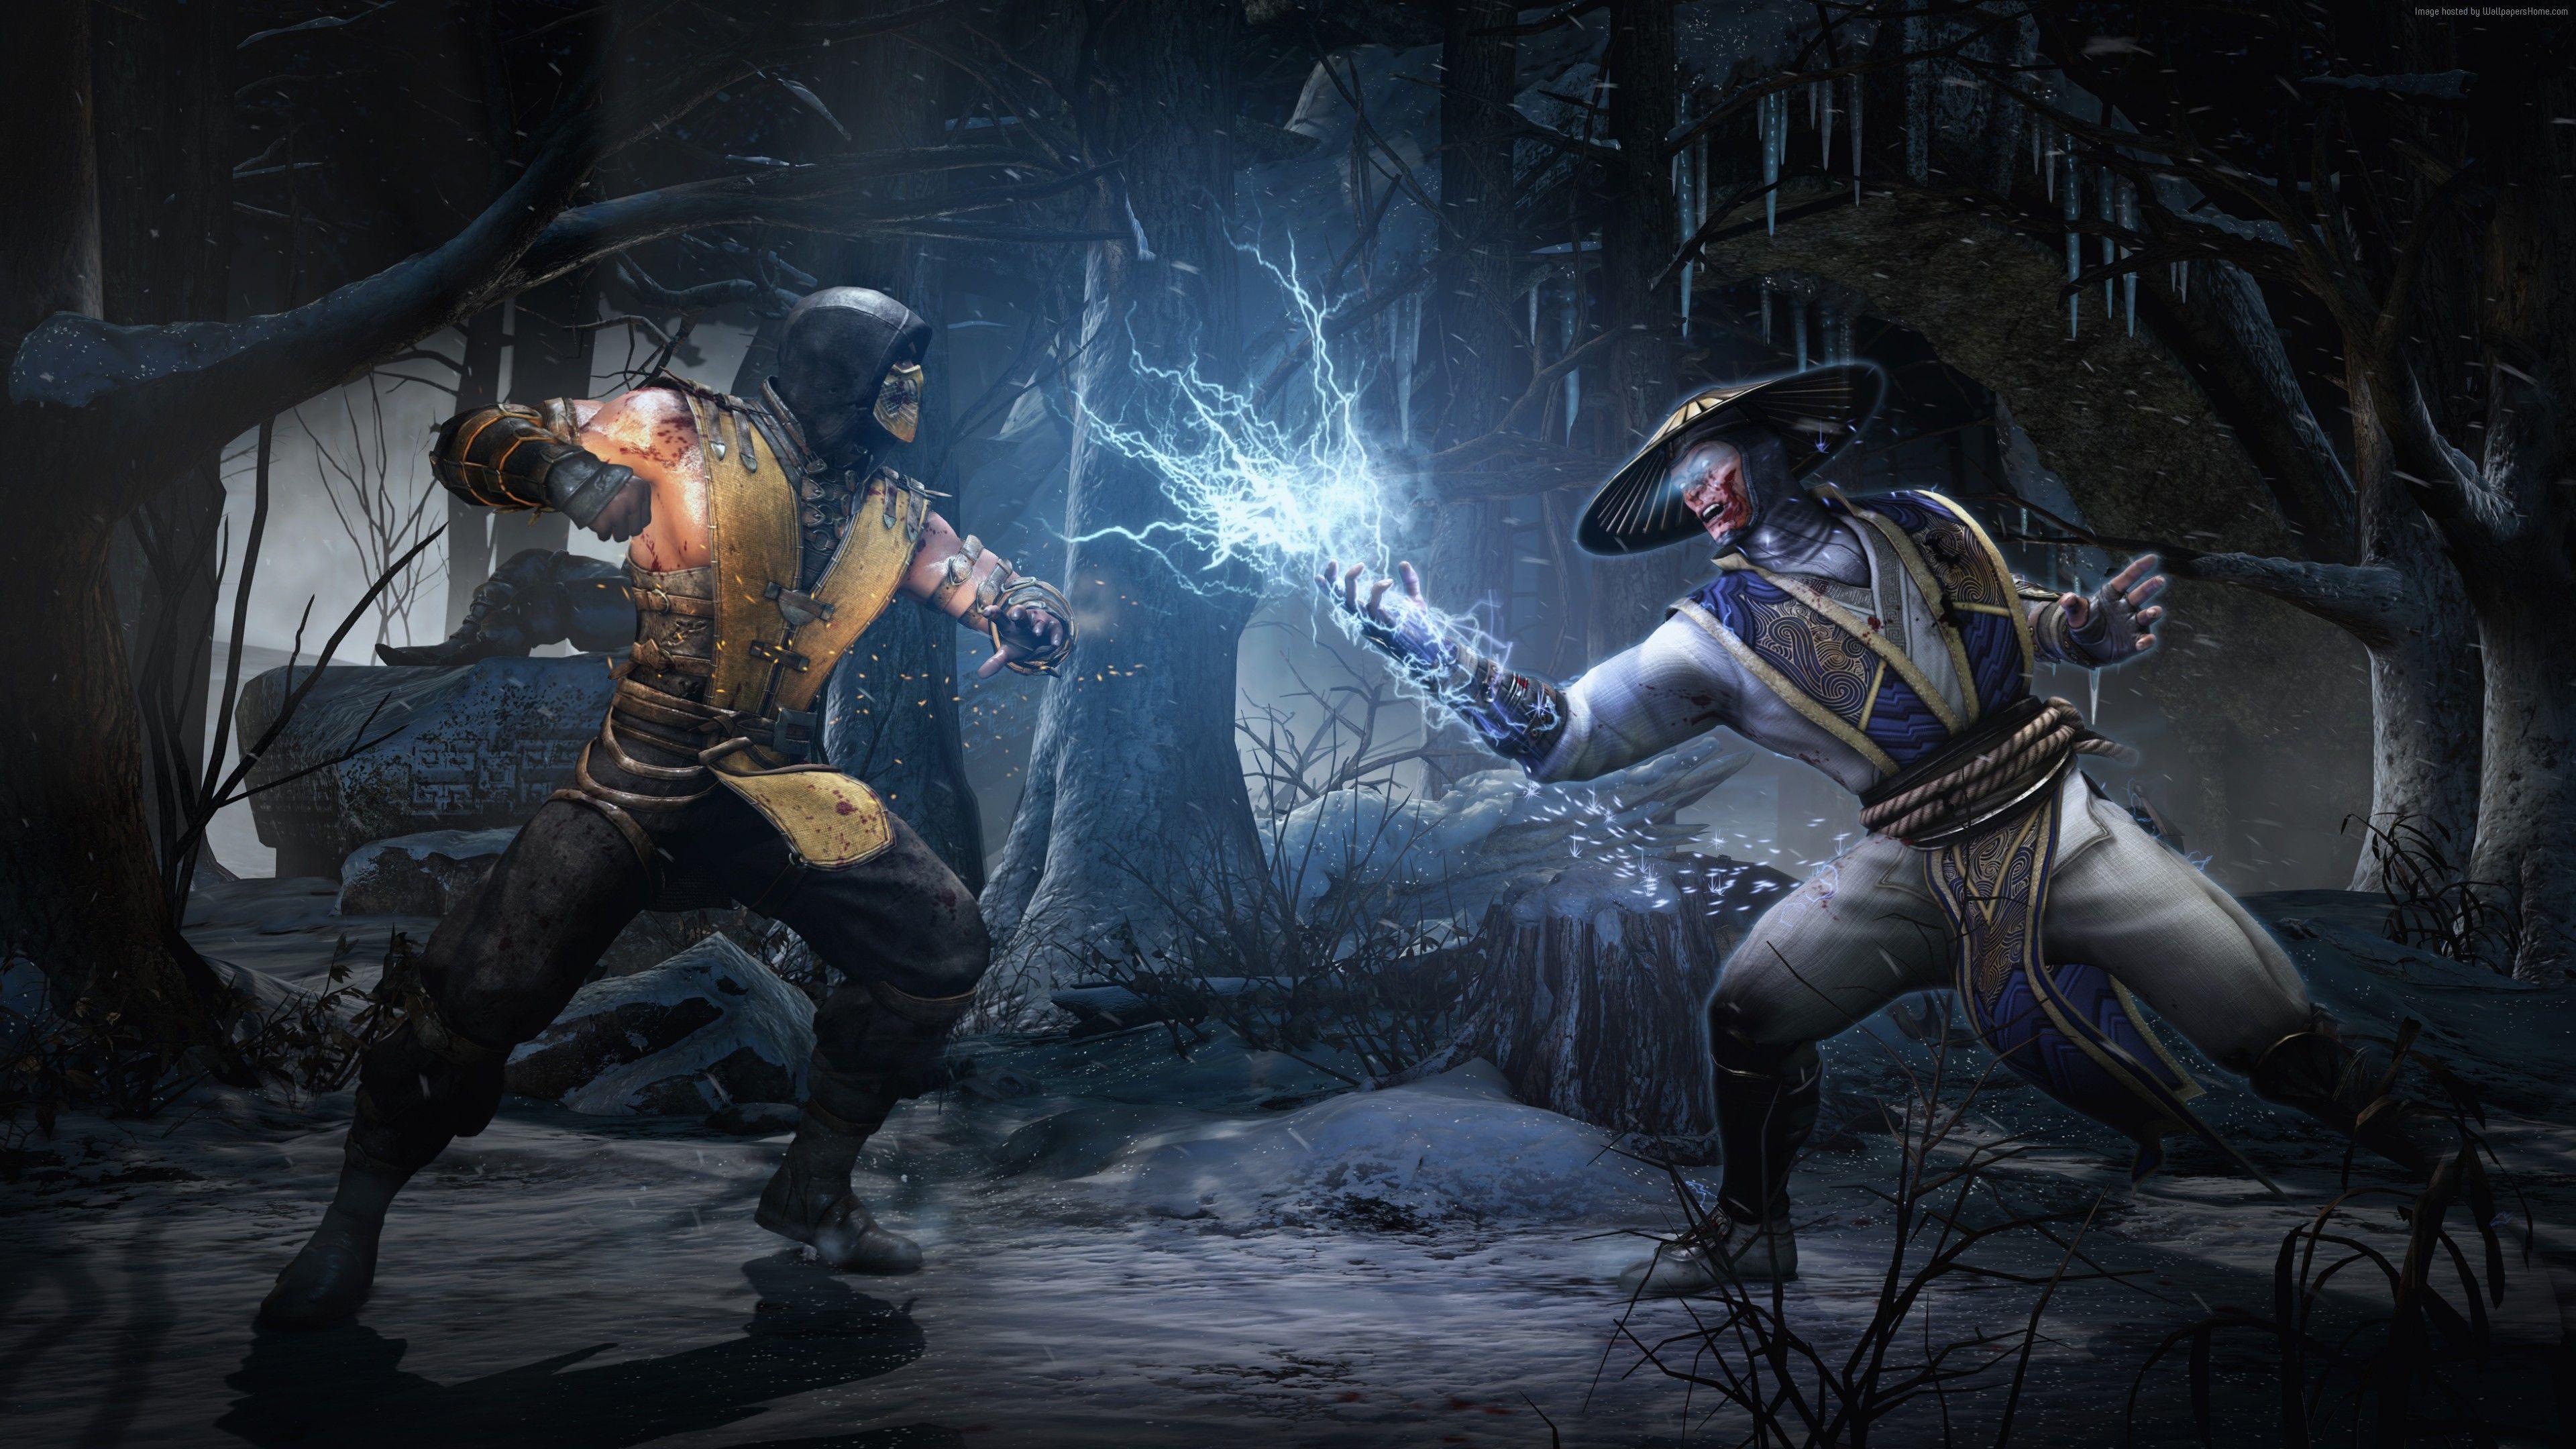 Mortal Kombat X Game Fighting Scorpion Raiden Lighting